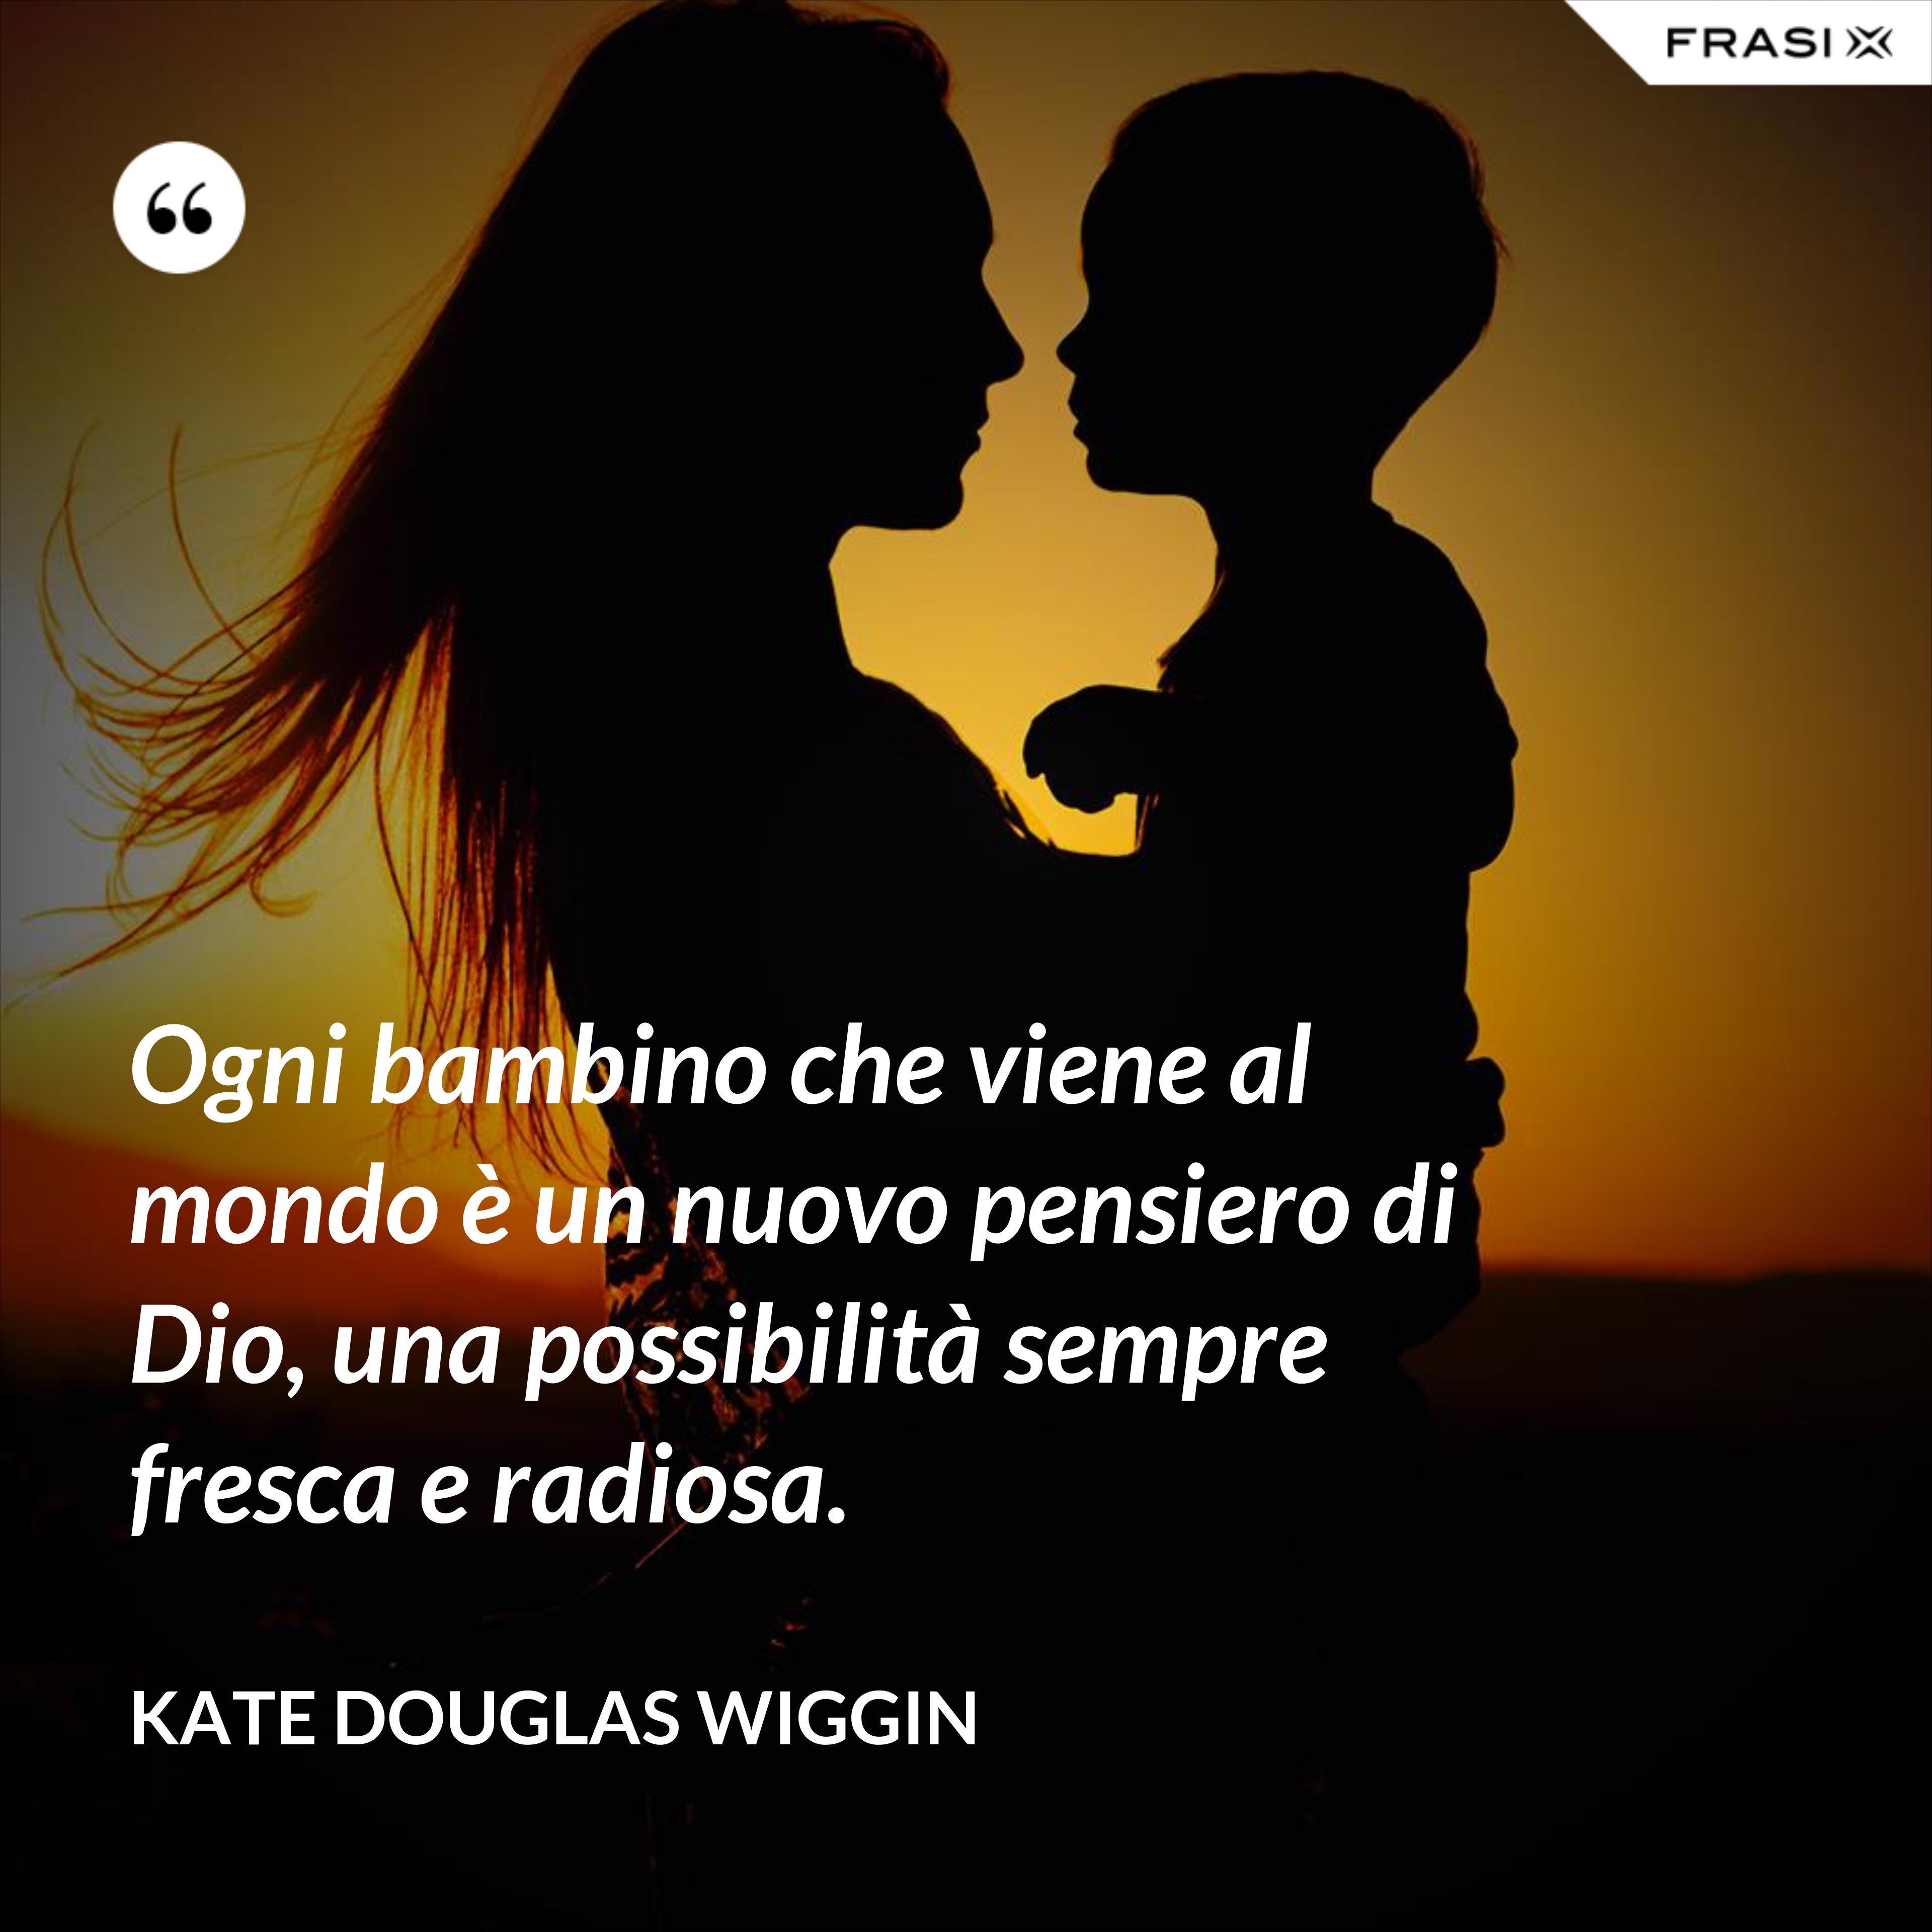 Ogni bambino che viene al mondo è un nuovo pensiero di Dio, una possibilità sempre fresca e radiosa. - Kate Douglas Wiggin